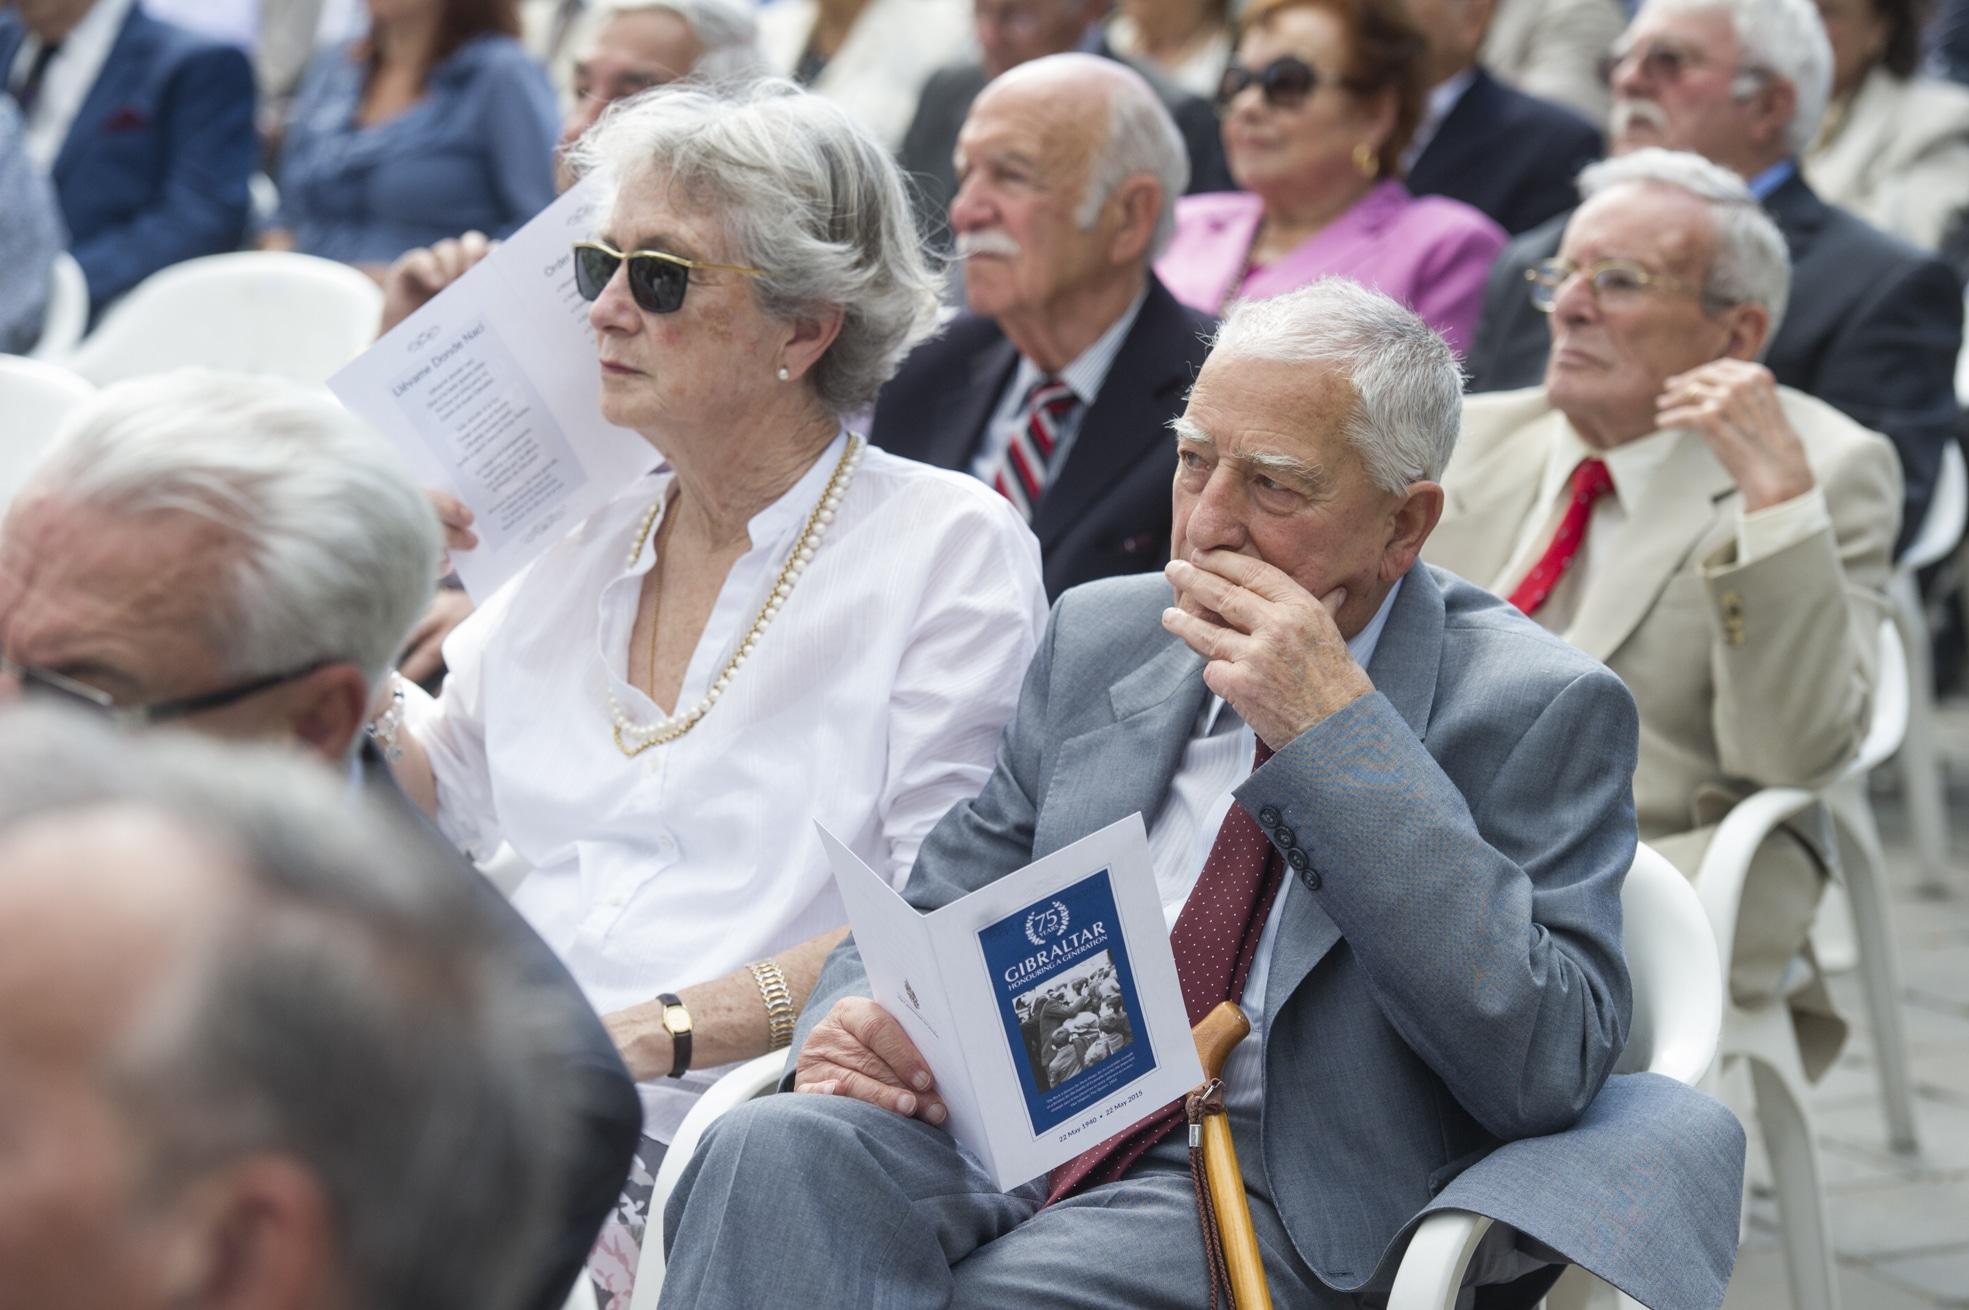 ceremonia-75-anos-evacuacion-gibraltar-22052015-35_17968797226_o